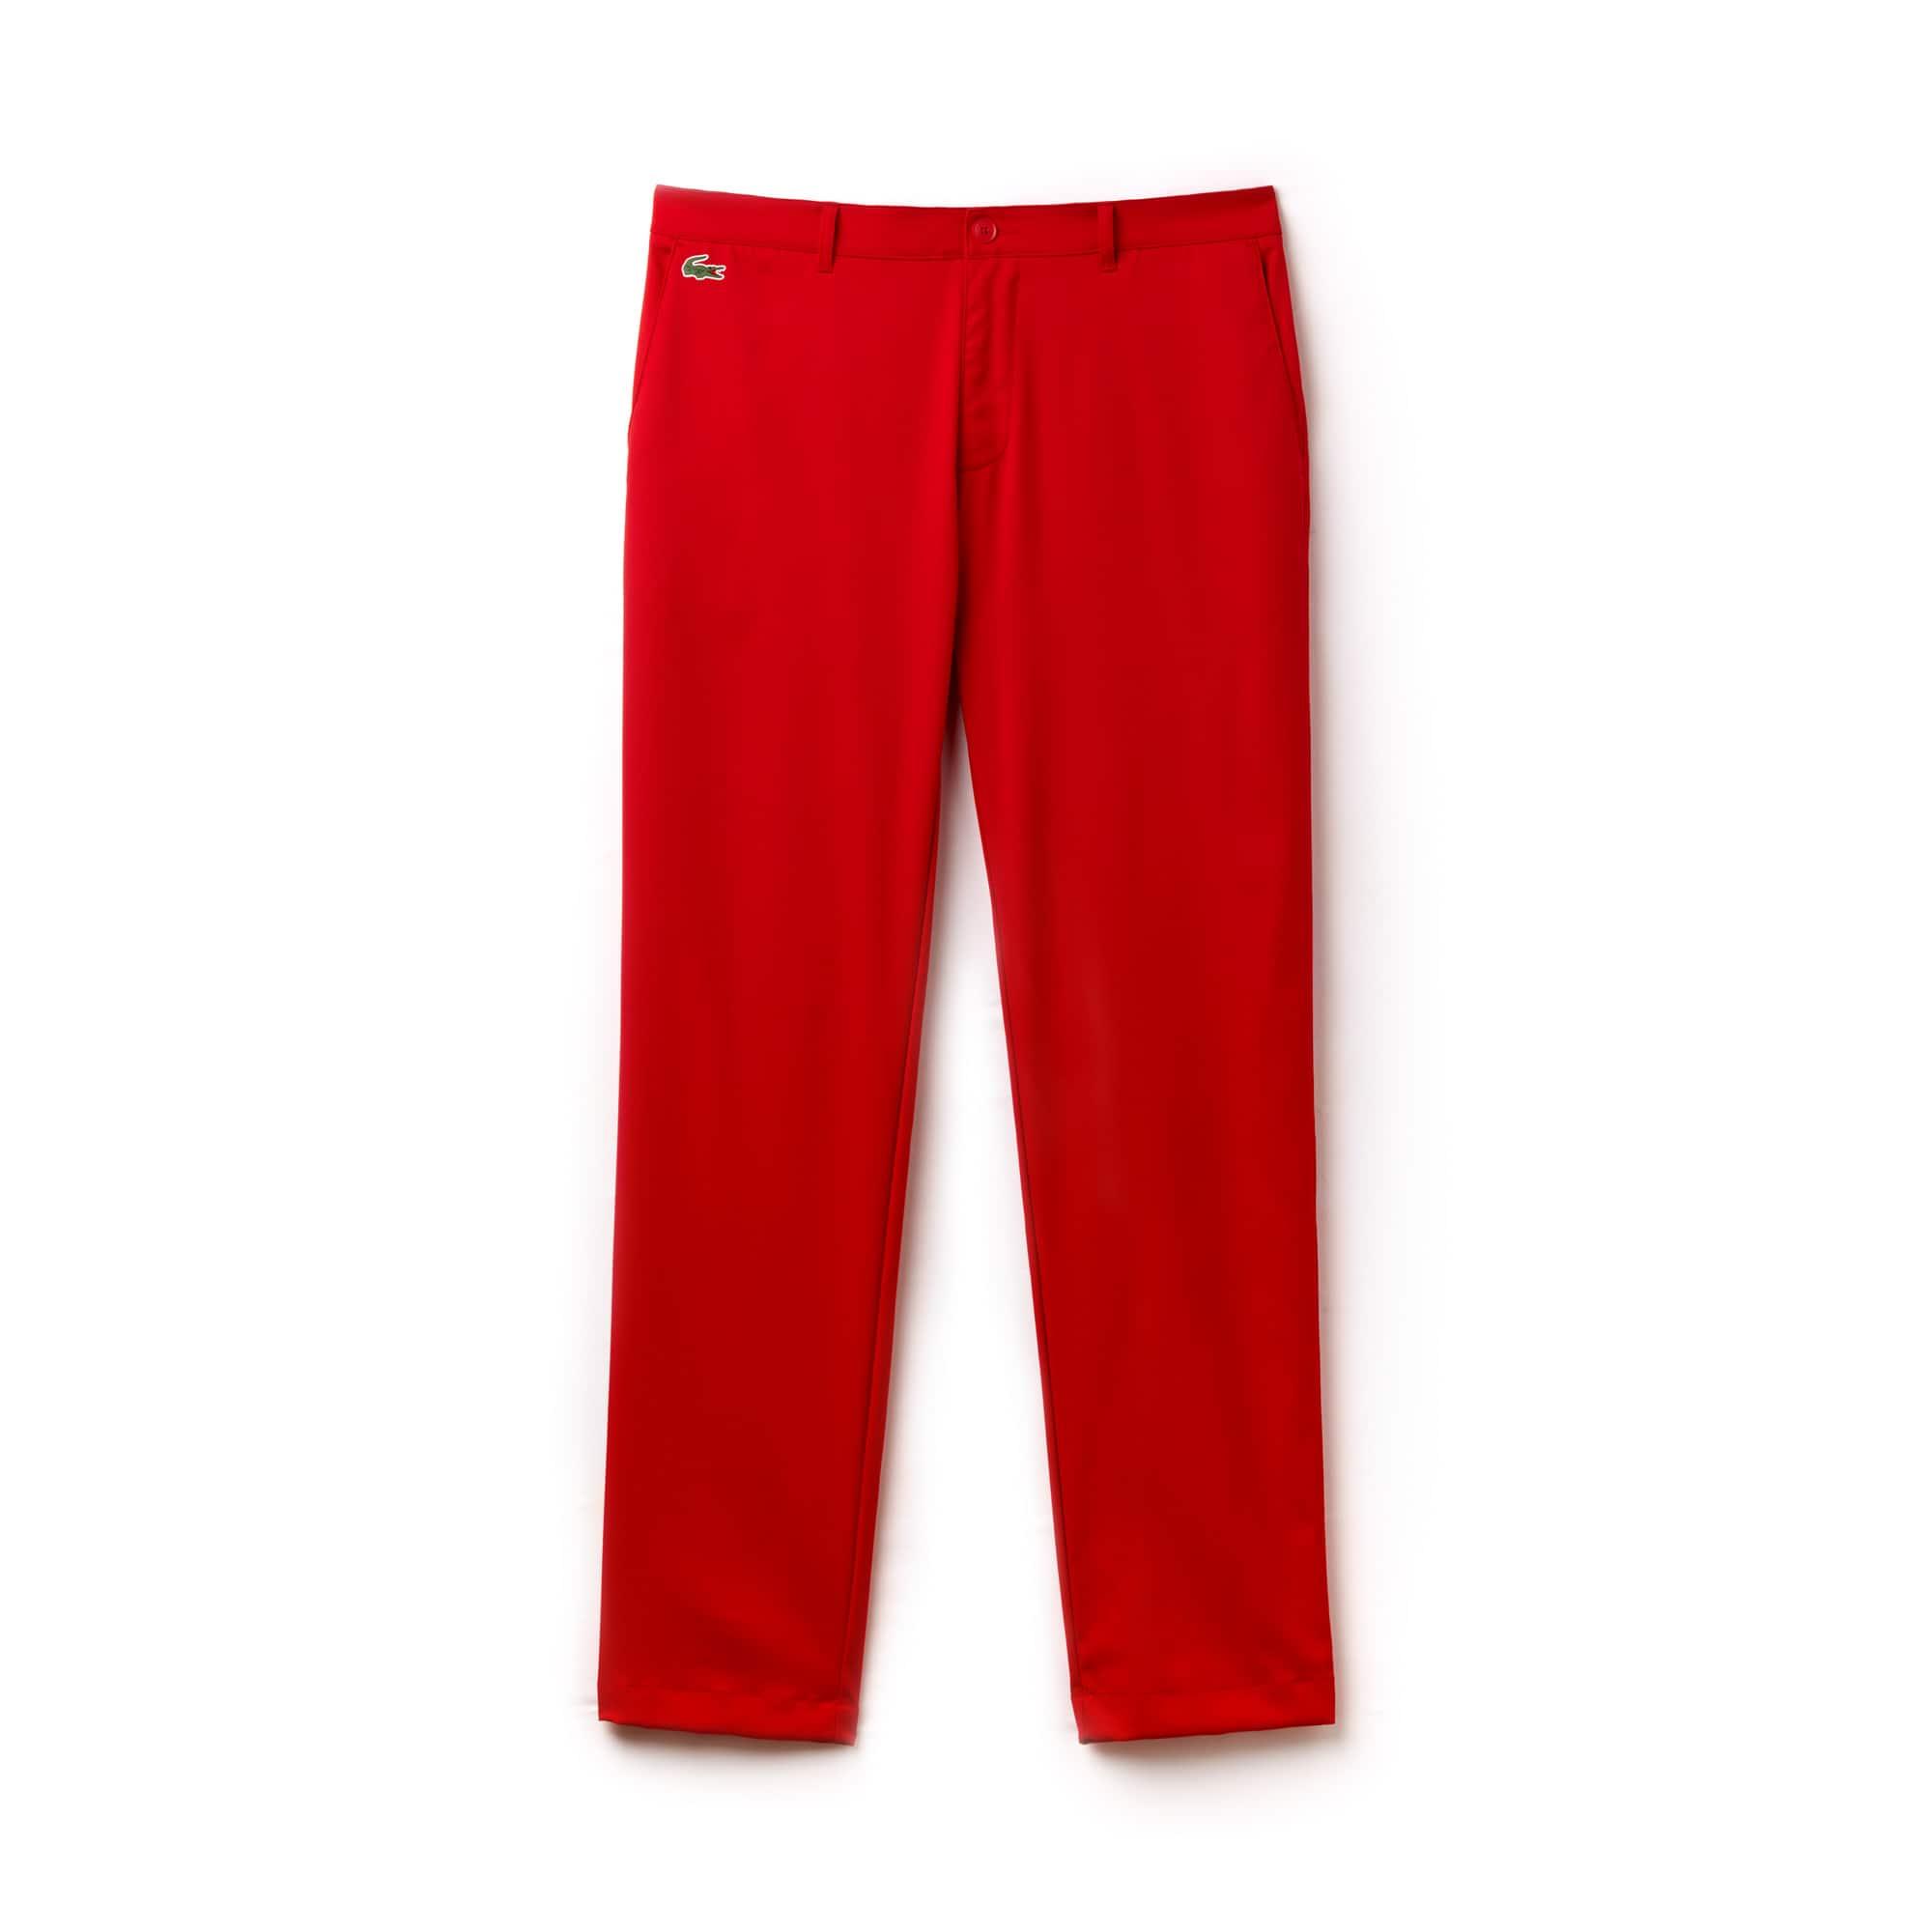 라코스테 스포츠 바지 Lacoste Mens SPORT Technical Golf Pants,toreador